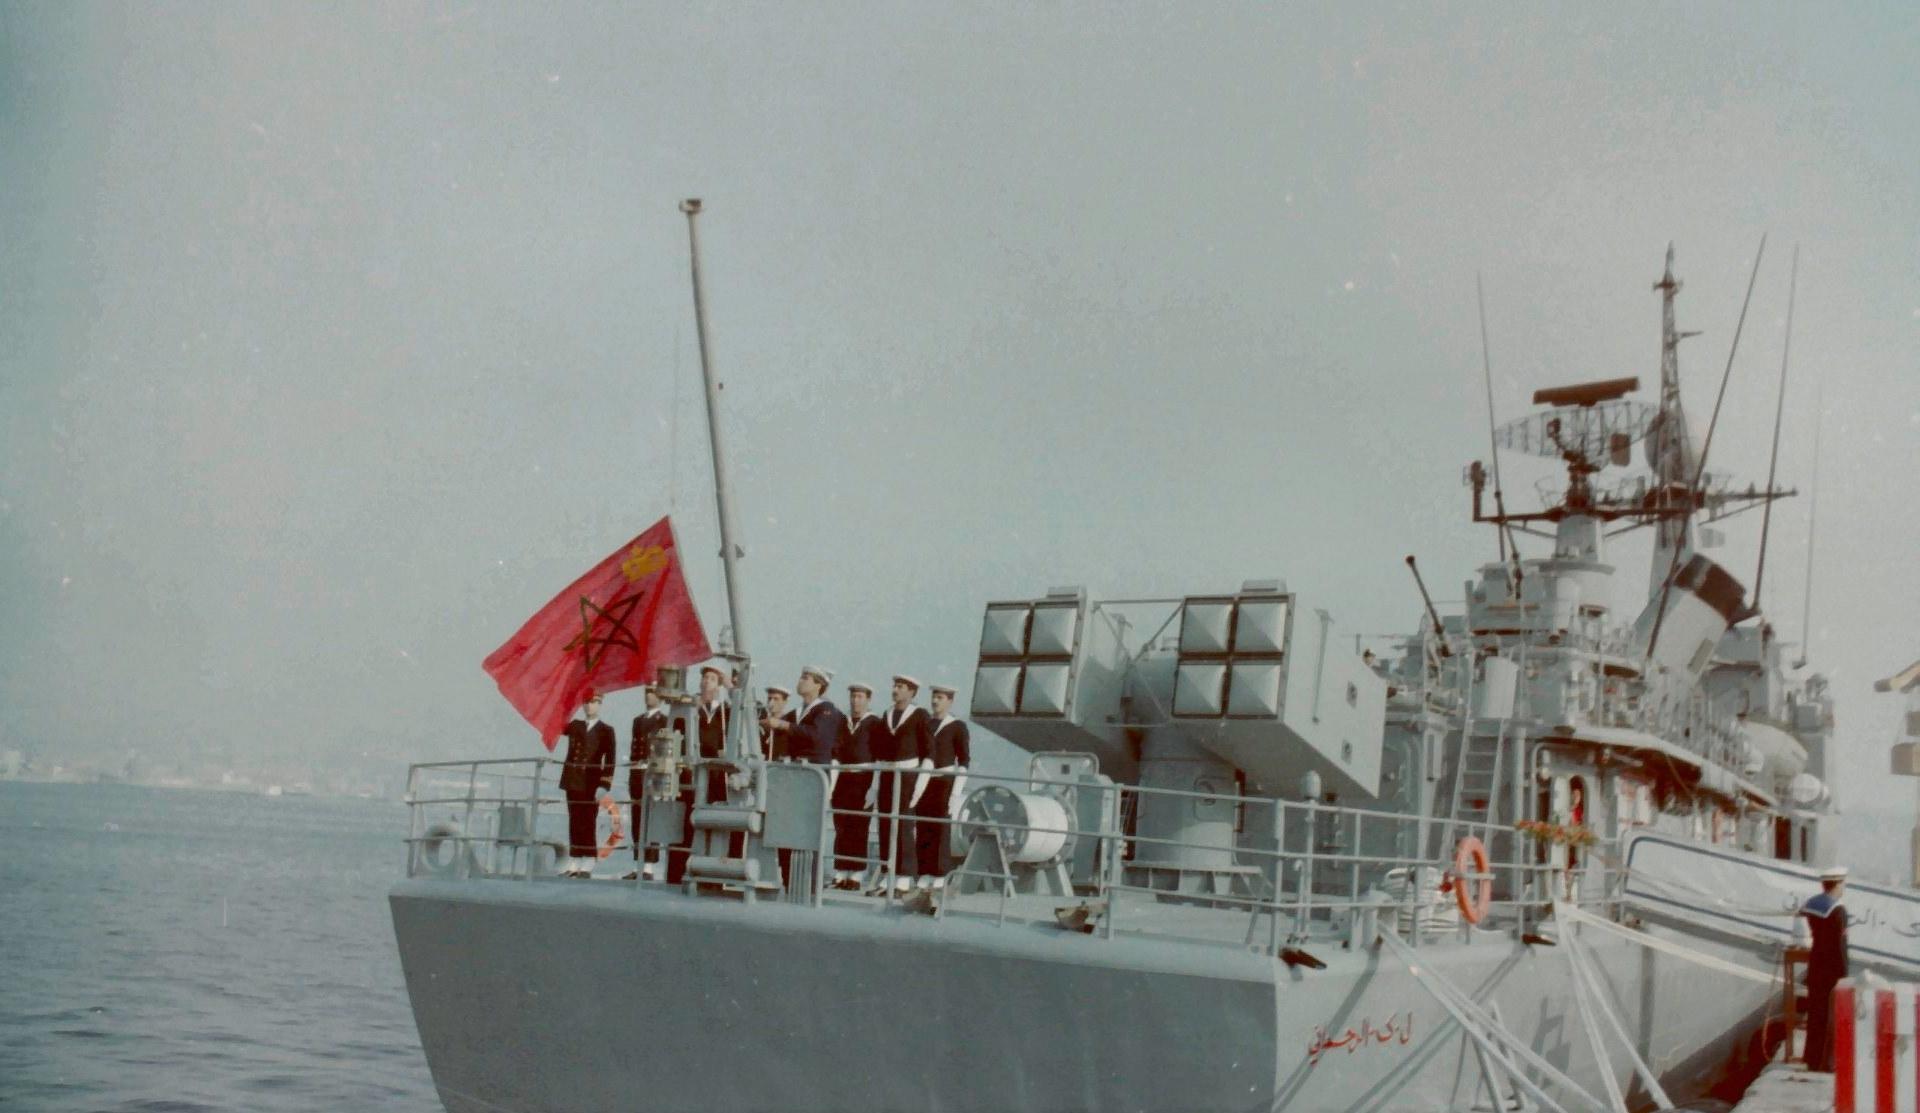 Royal Moroccan Navy Descubierta Frigate / Corvette Lt Cl Errahmani - Bâtiment École - Page 4 Clipb523